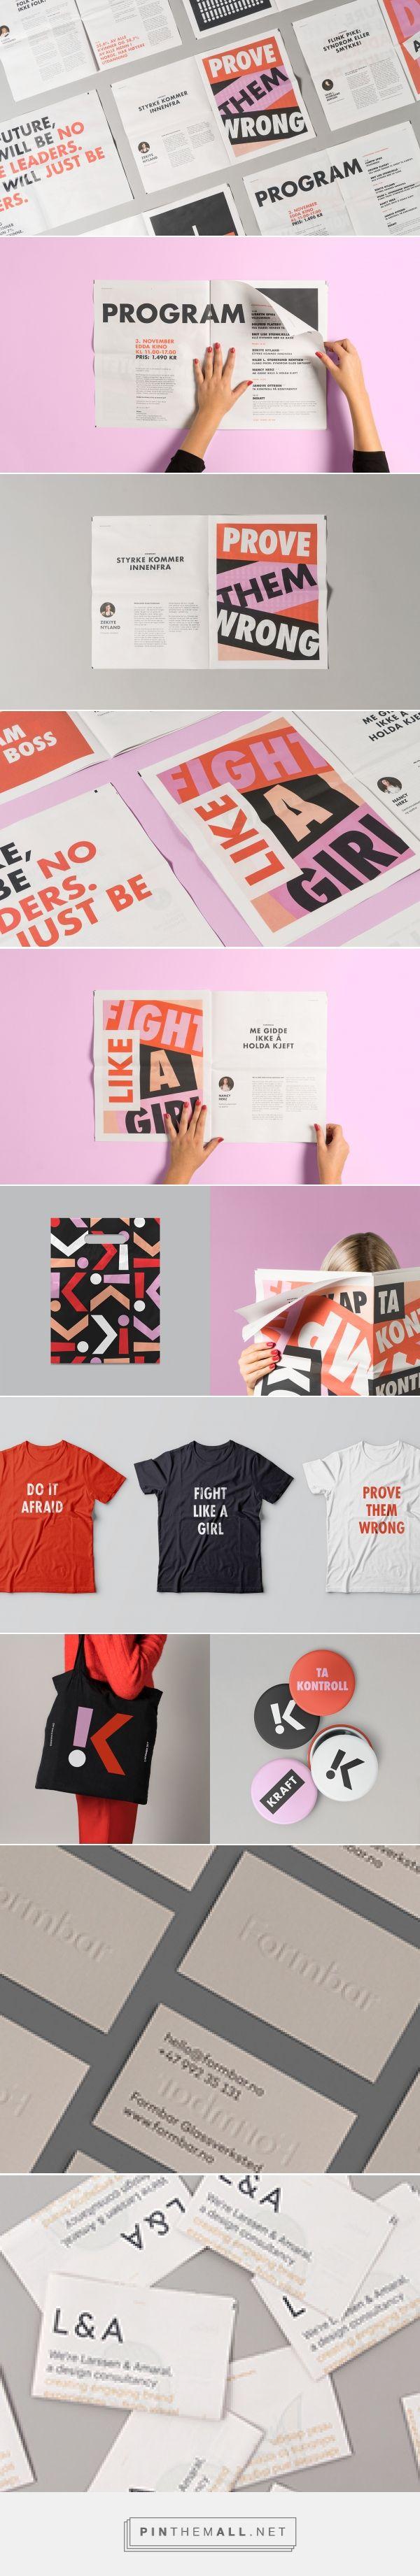 https://www.behance.net/gallery/58297117/Konferansen-Visual-Identity